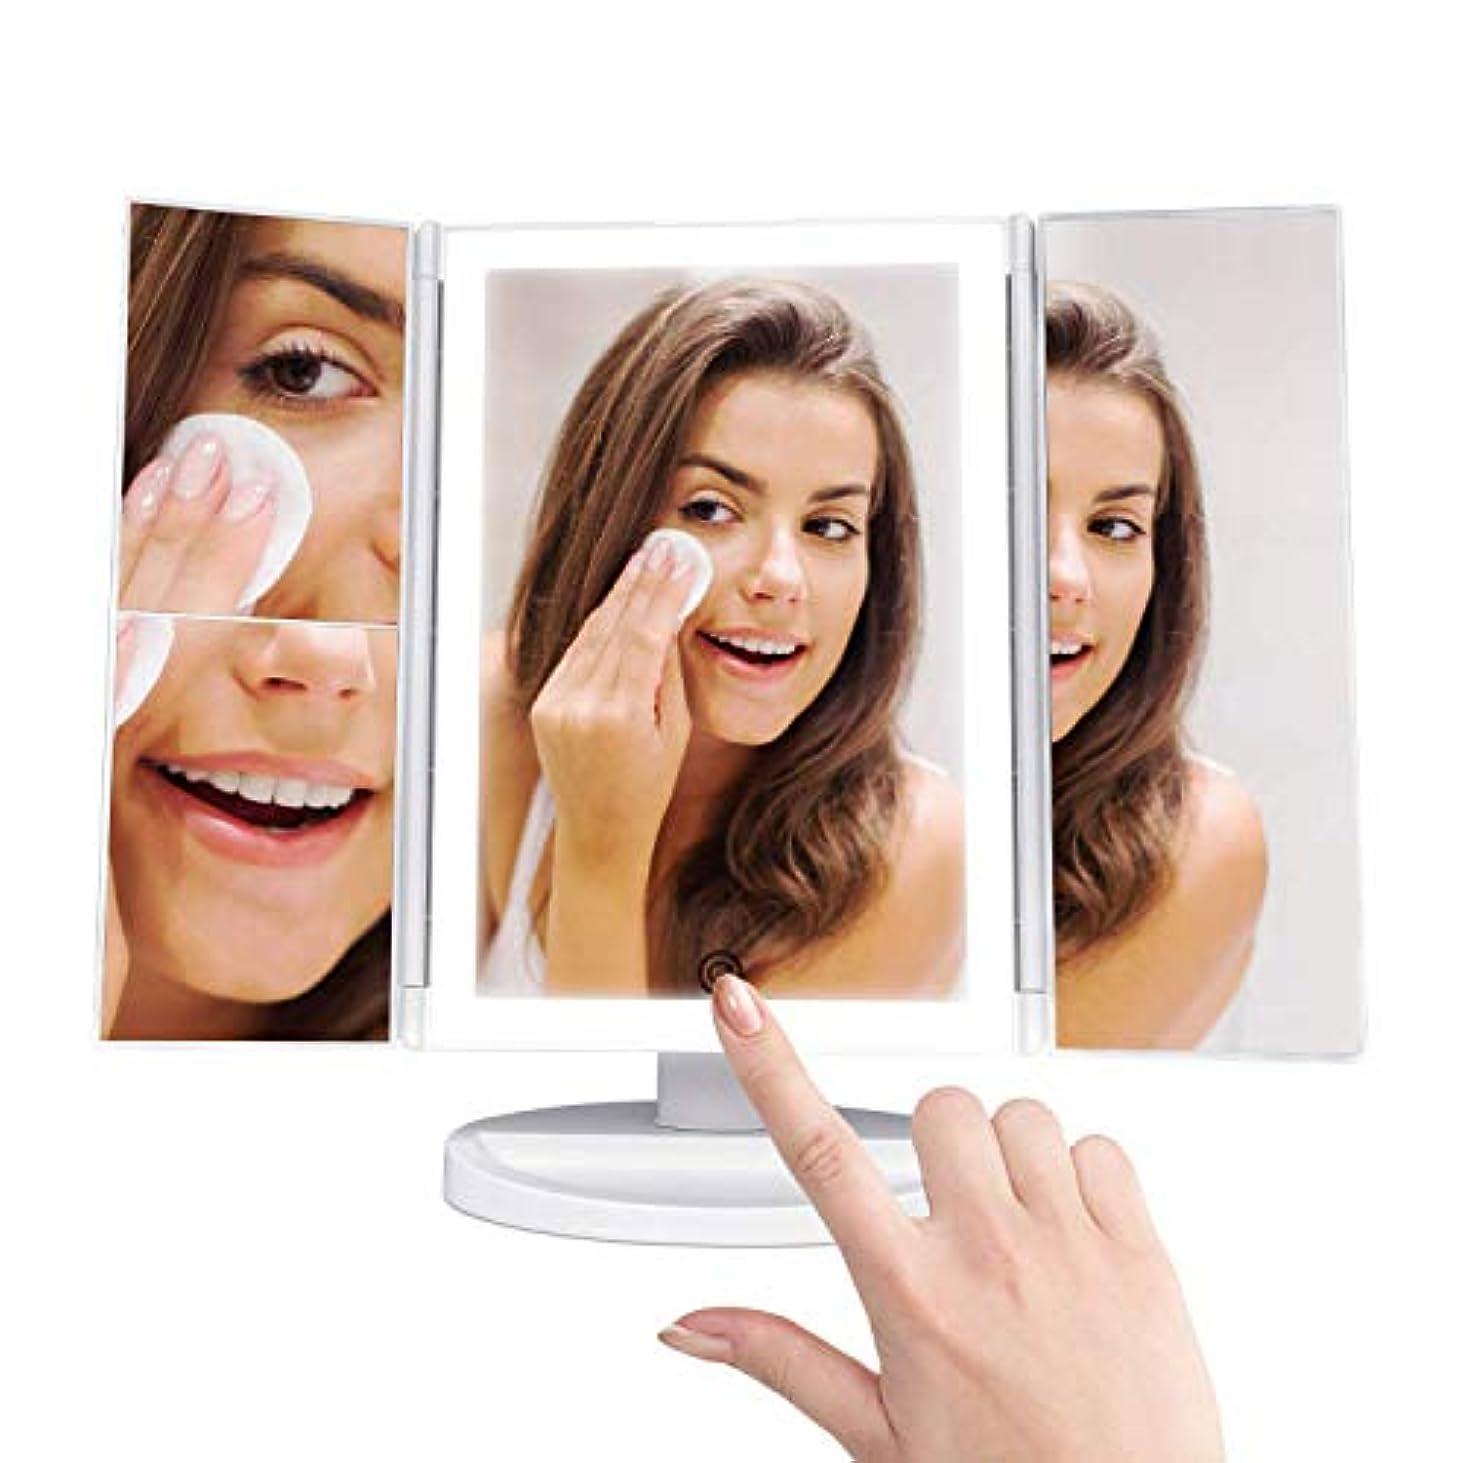 刺しますプレフィックスセットアップ卓上ミラー 折りたたみ式 三面鏡 化粧鏡 2&3&拡大鏡付き LEDライト 角度調整機能付 タッチパネル 持ち運び便利 180度自由に回転 電池またはUSB給電(ホワイト)